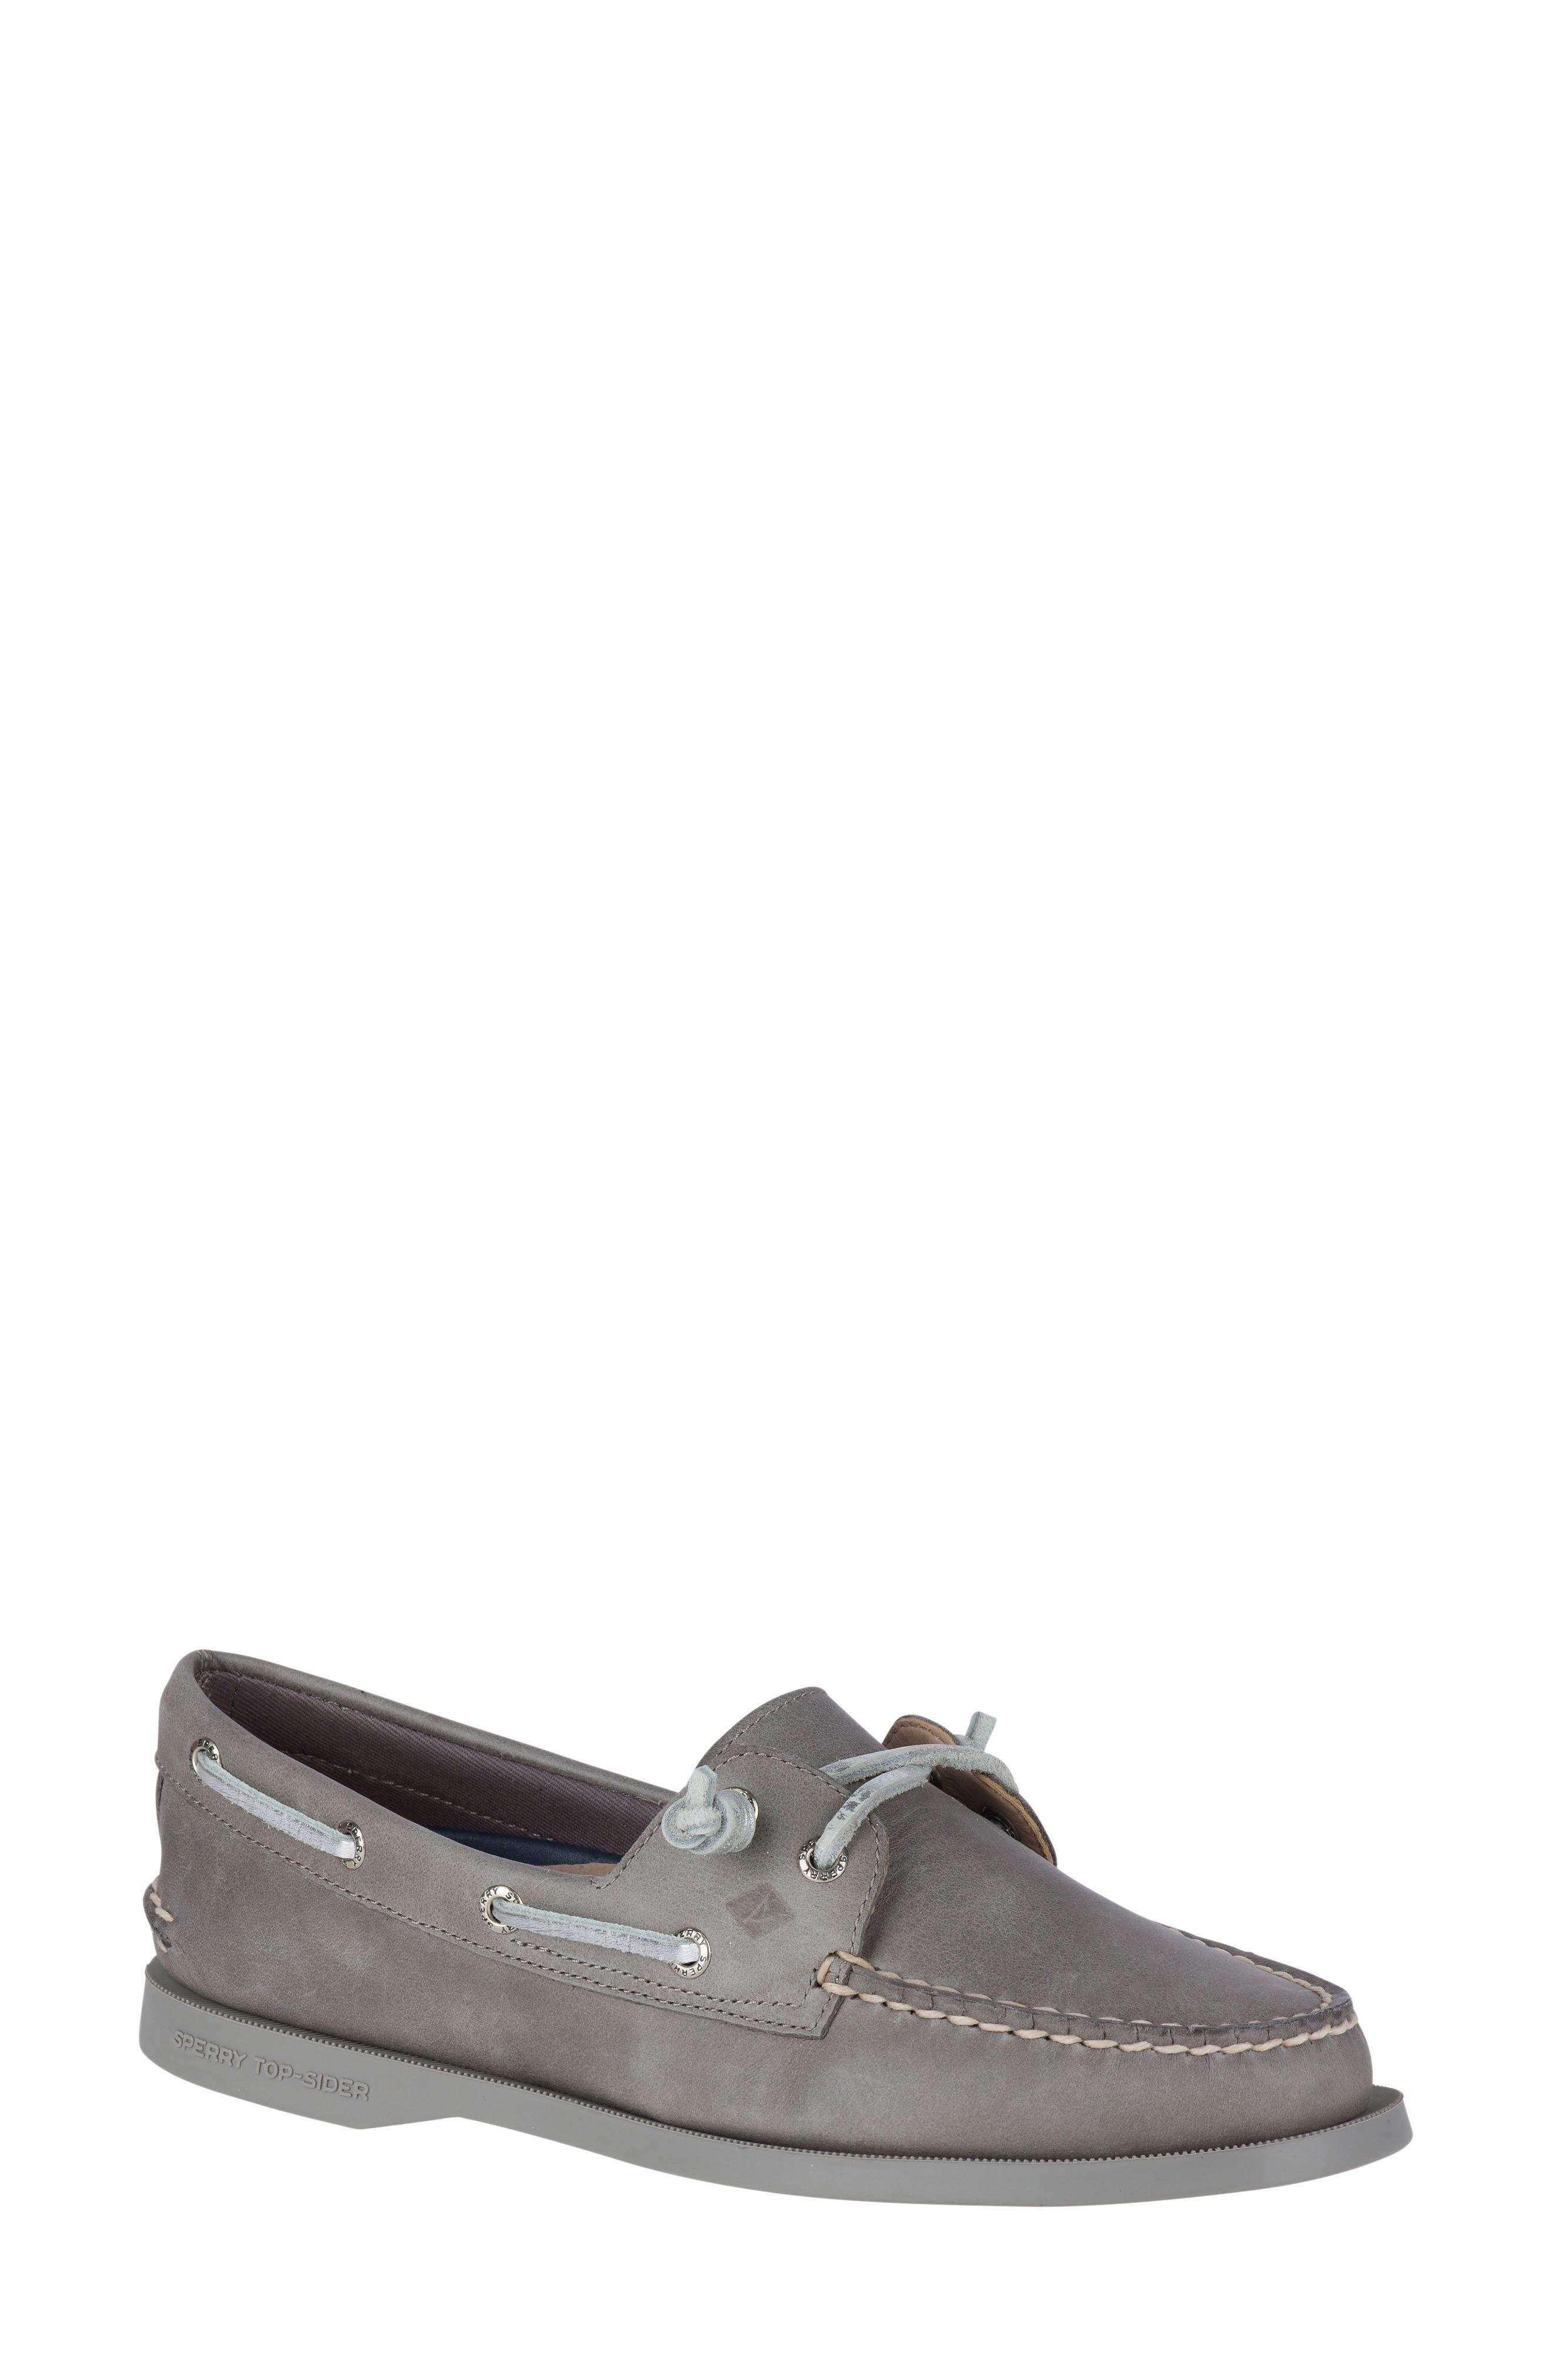 Vida Boat Shoe,                             Main thumbnail 1, color,                             Driftwood Leather